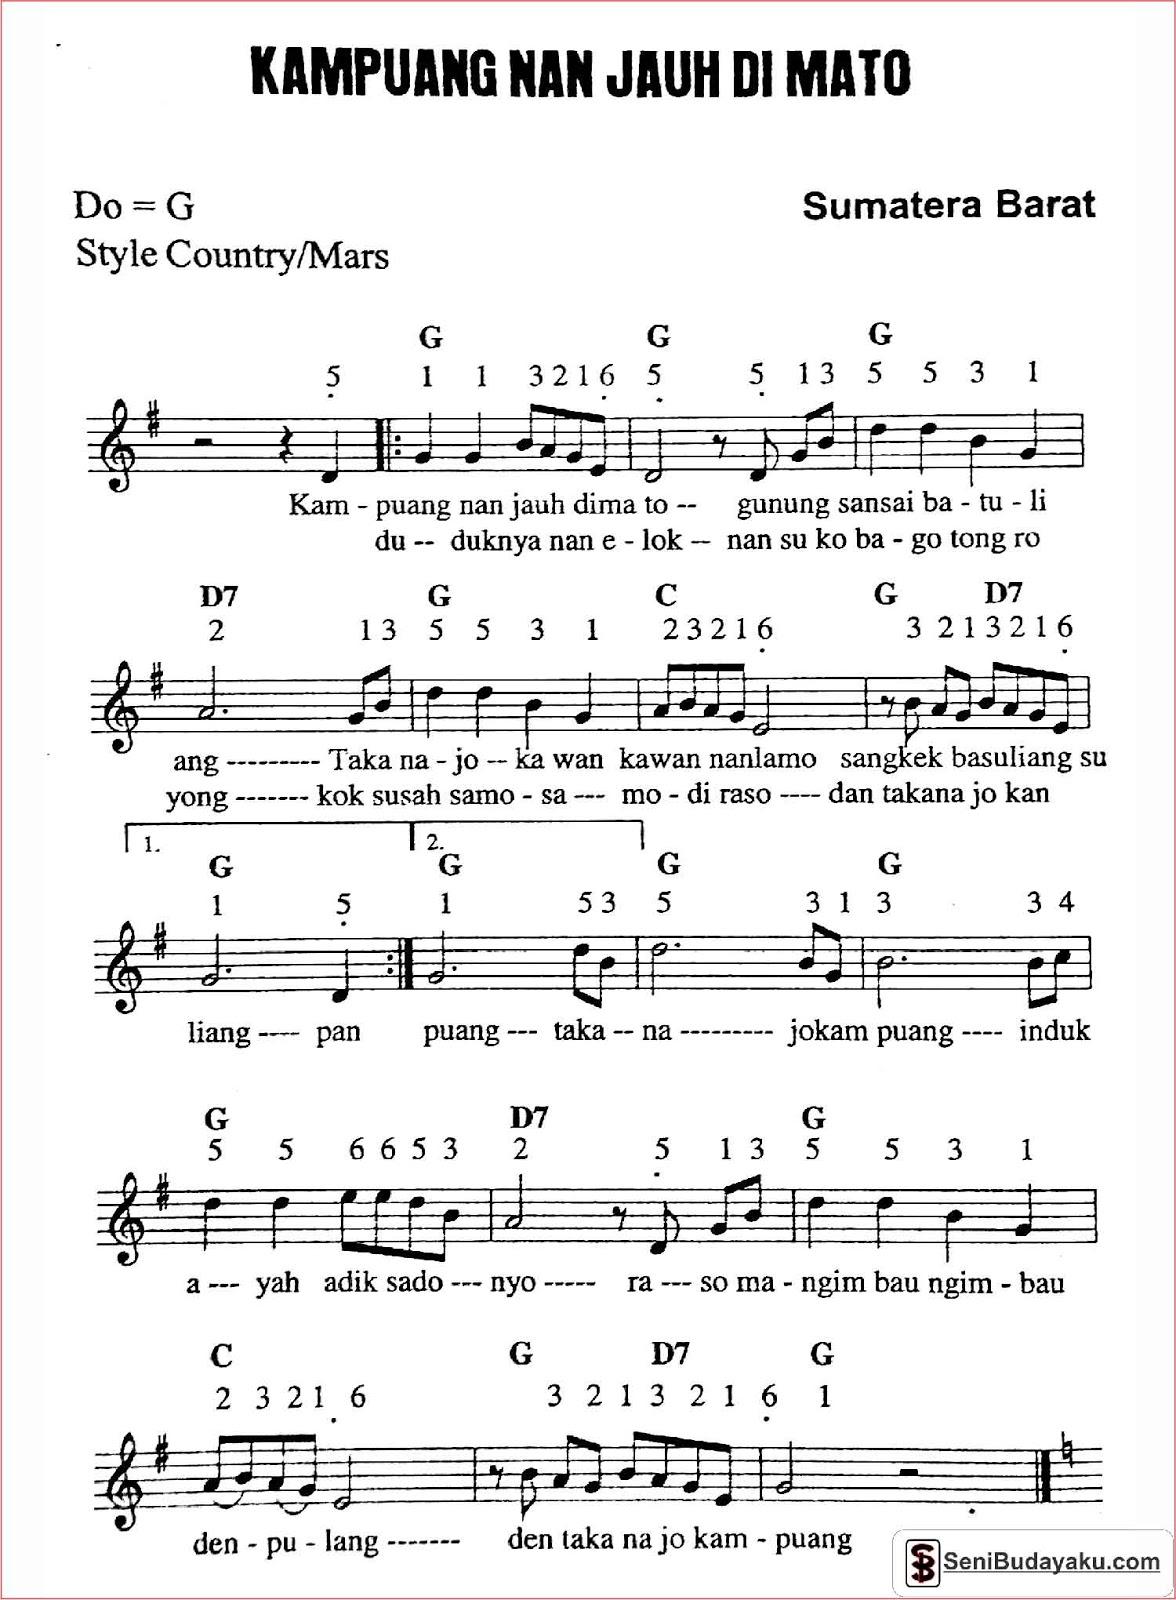 Not Angka Dan Lirik Lagu Kampuang Nan Jauh Di Mato Beserta Chord Dan Artinya Seni Budayaku